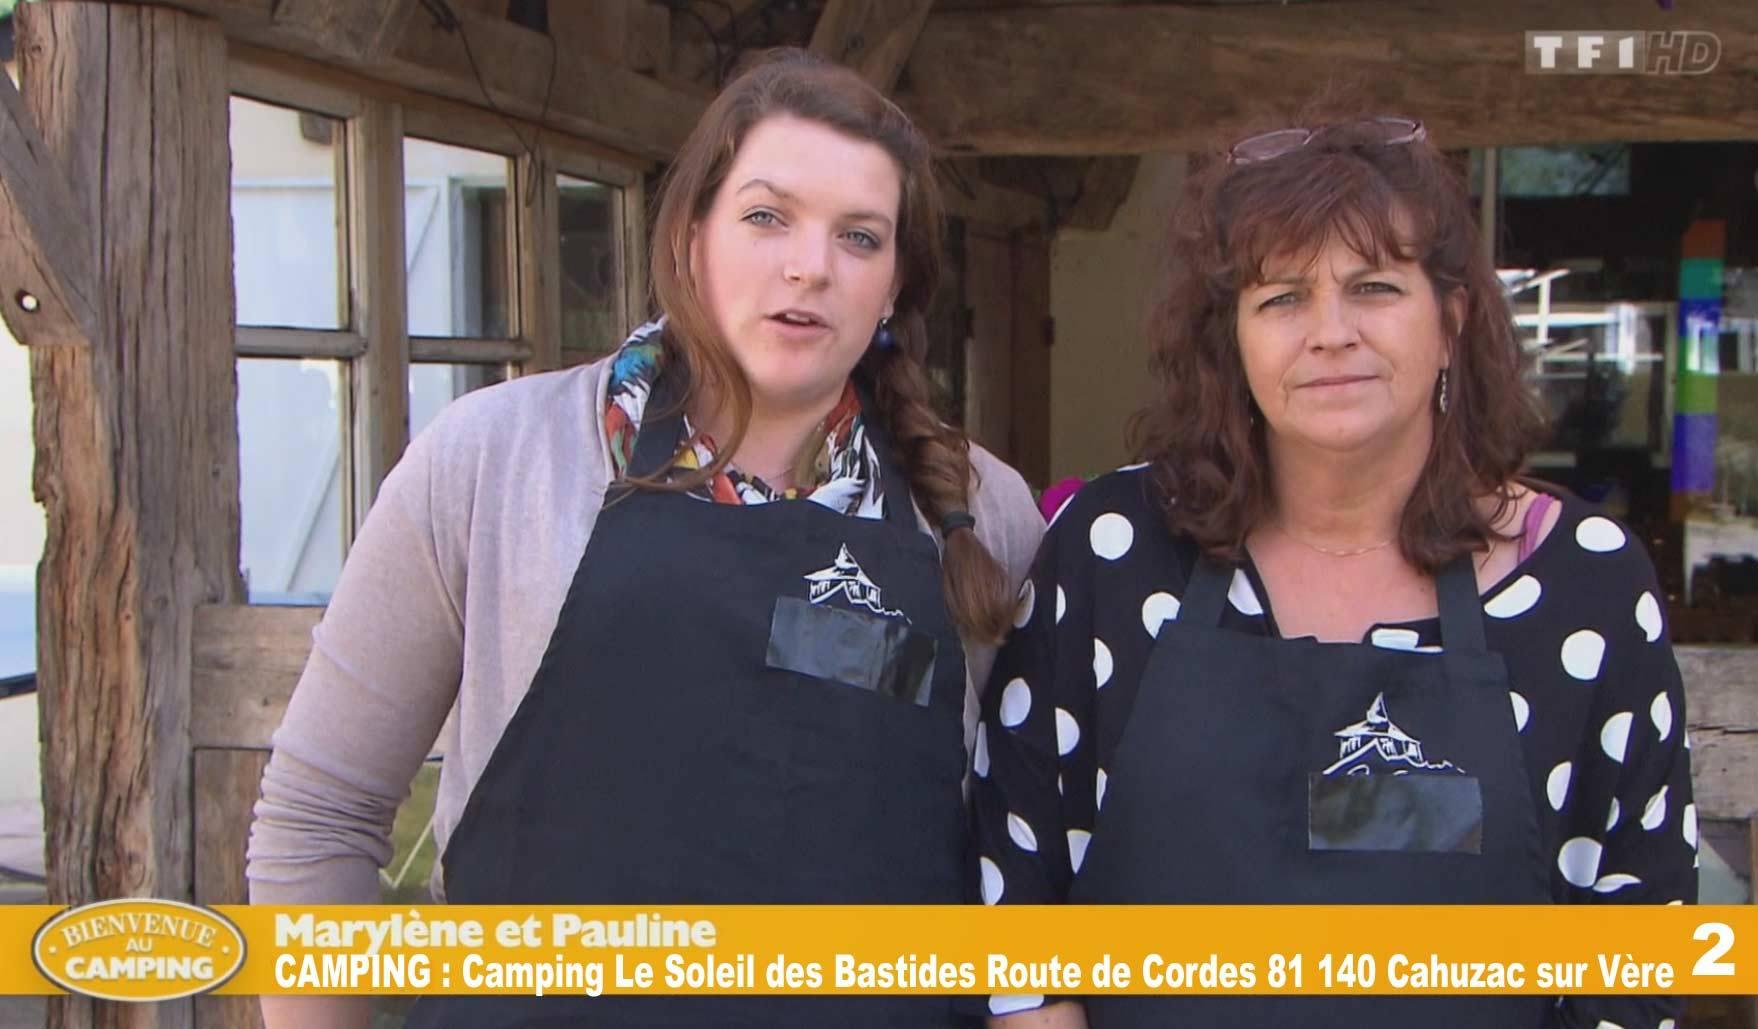 Camping de Marylène et Pauline